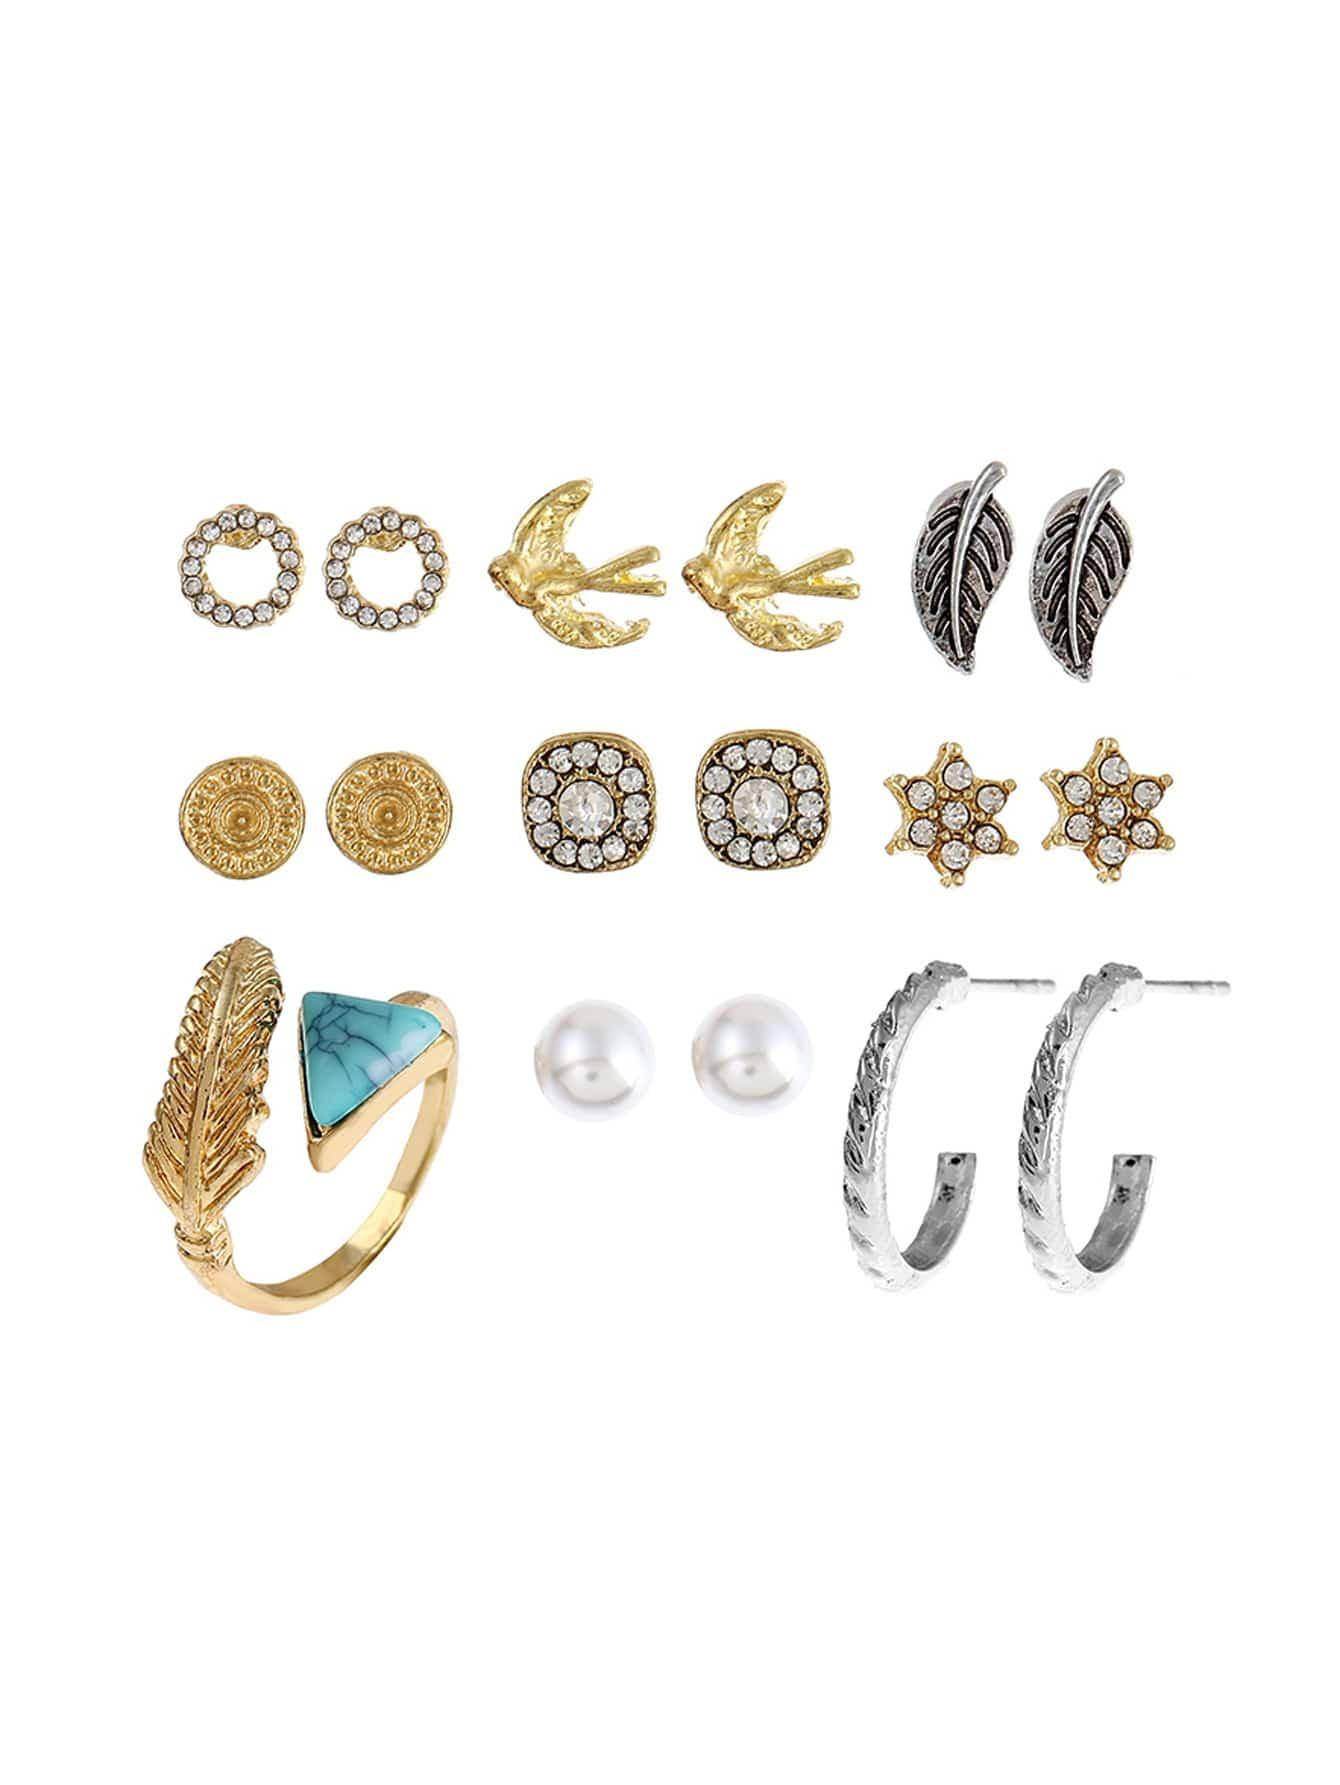 цена на Geometric Shaped Ring & Earring Set With Gemstone